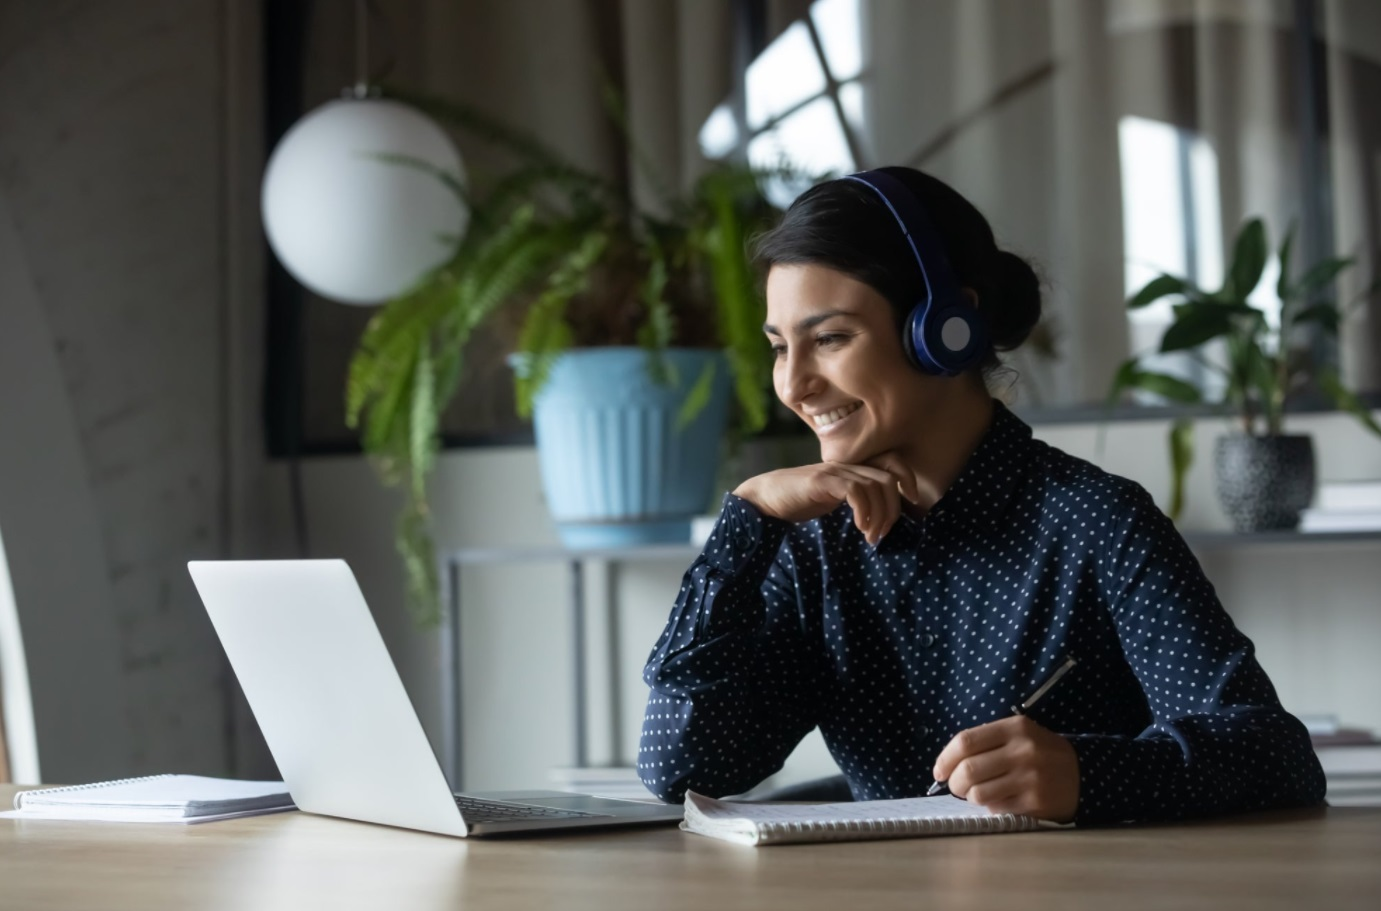 Femme devant ordinateur